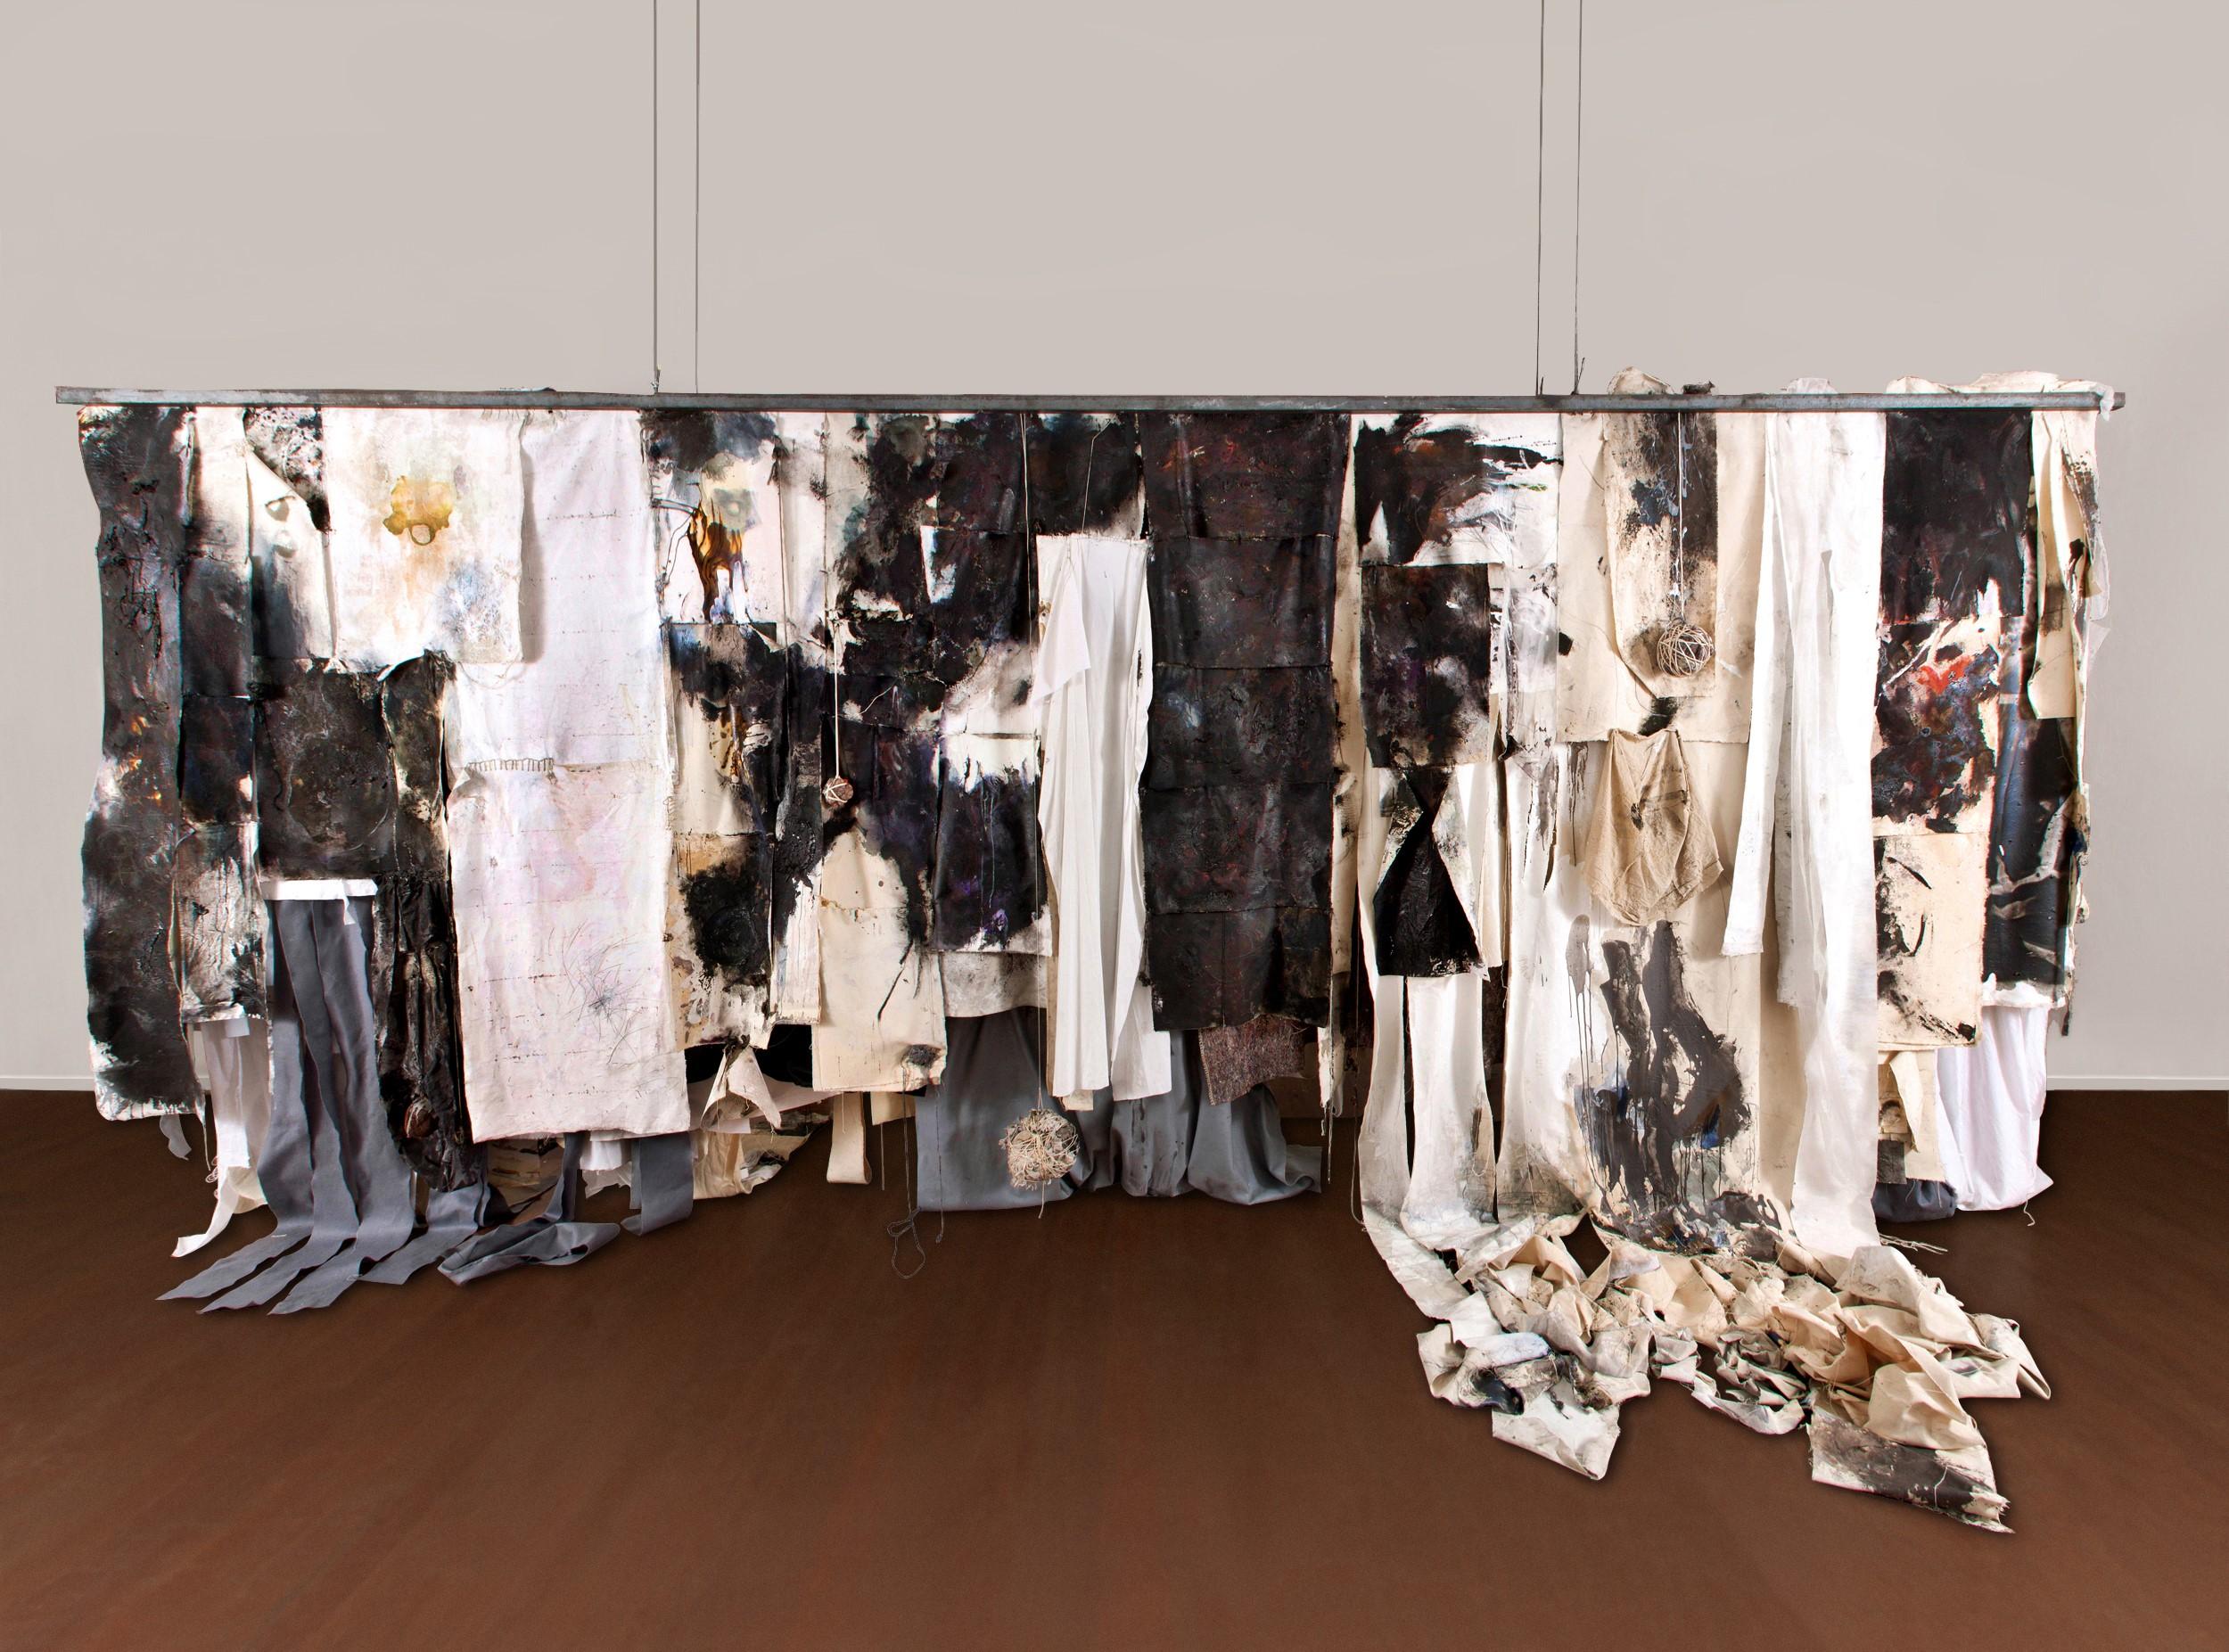 Melancholia. Oil, acrylic, wood ash, industrial enamel, found muck, wood glue, resin, bedding, felt, canvas. 250 x 600 x 36 cm.